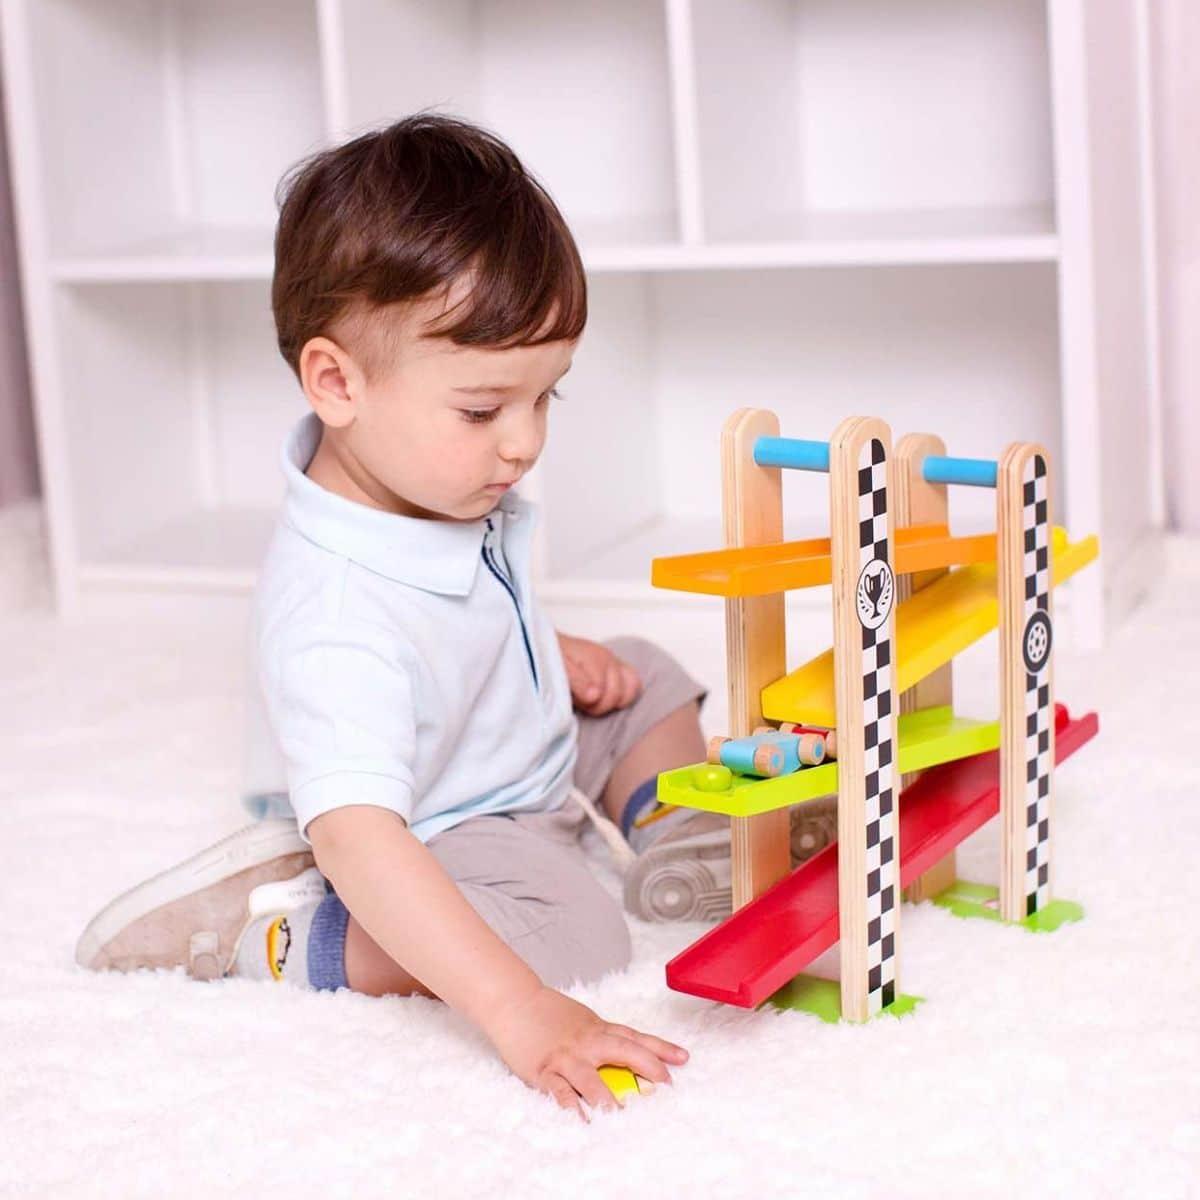 Los mejores juguetes educativos para niños de 1 año